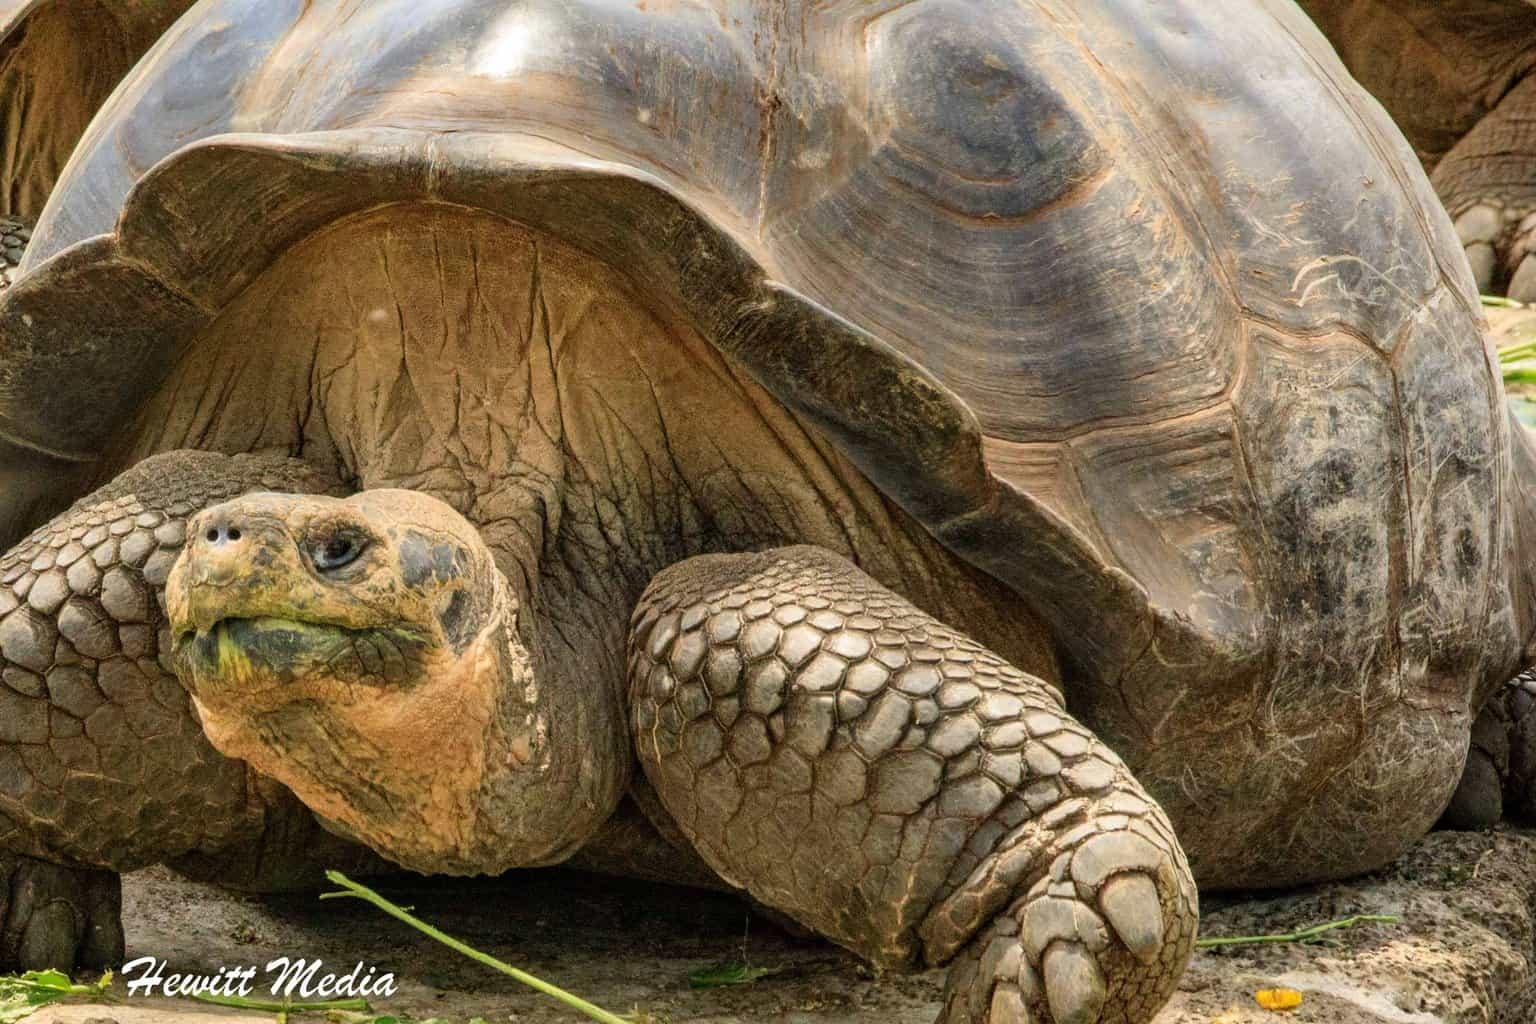 Galápagos Giant Tortoise.